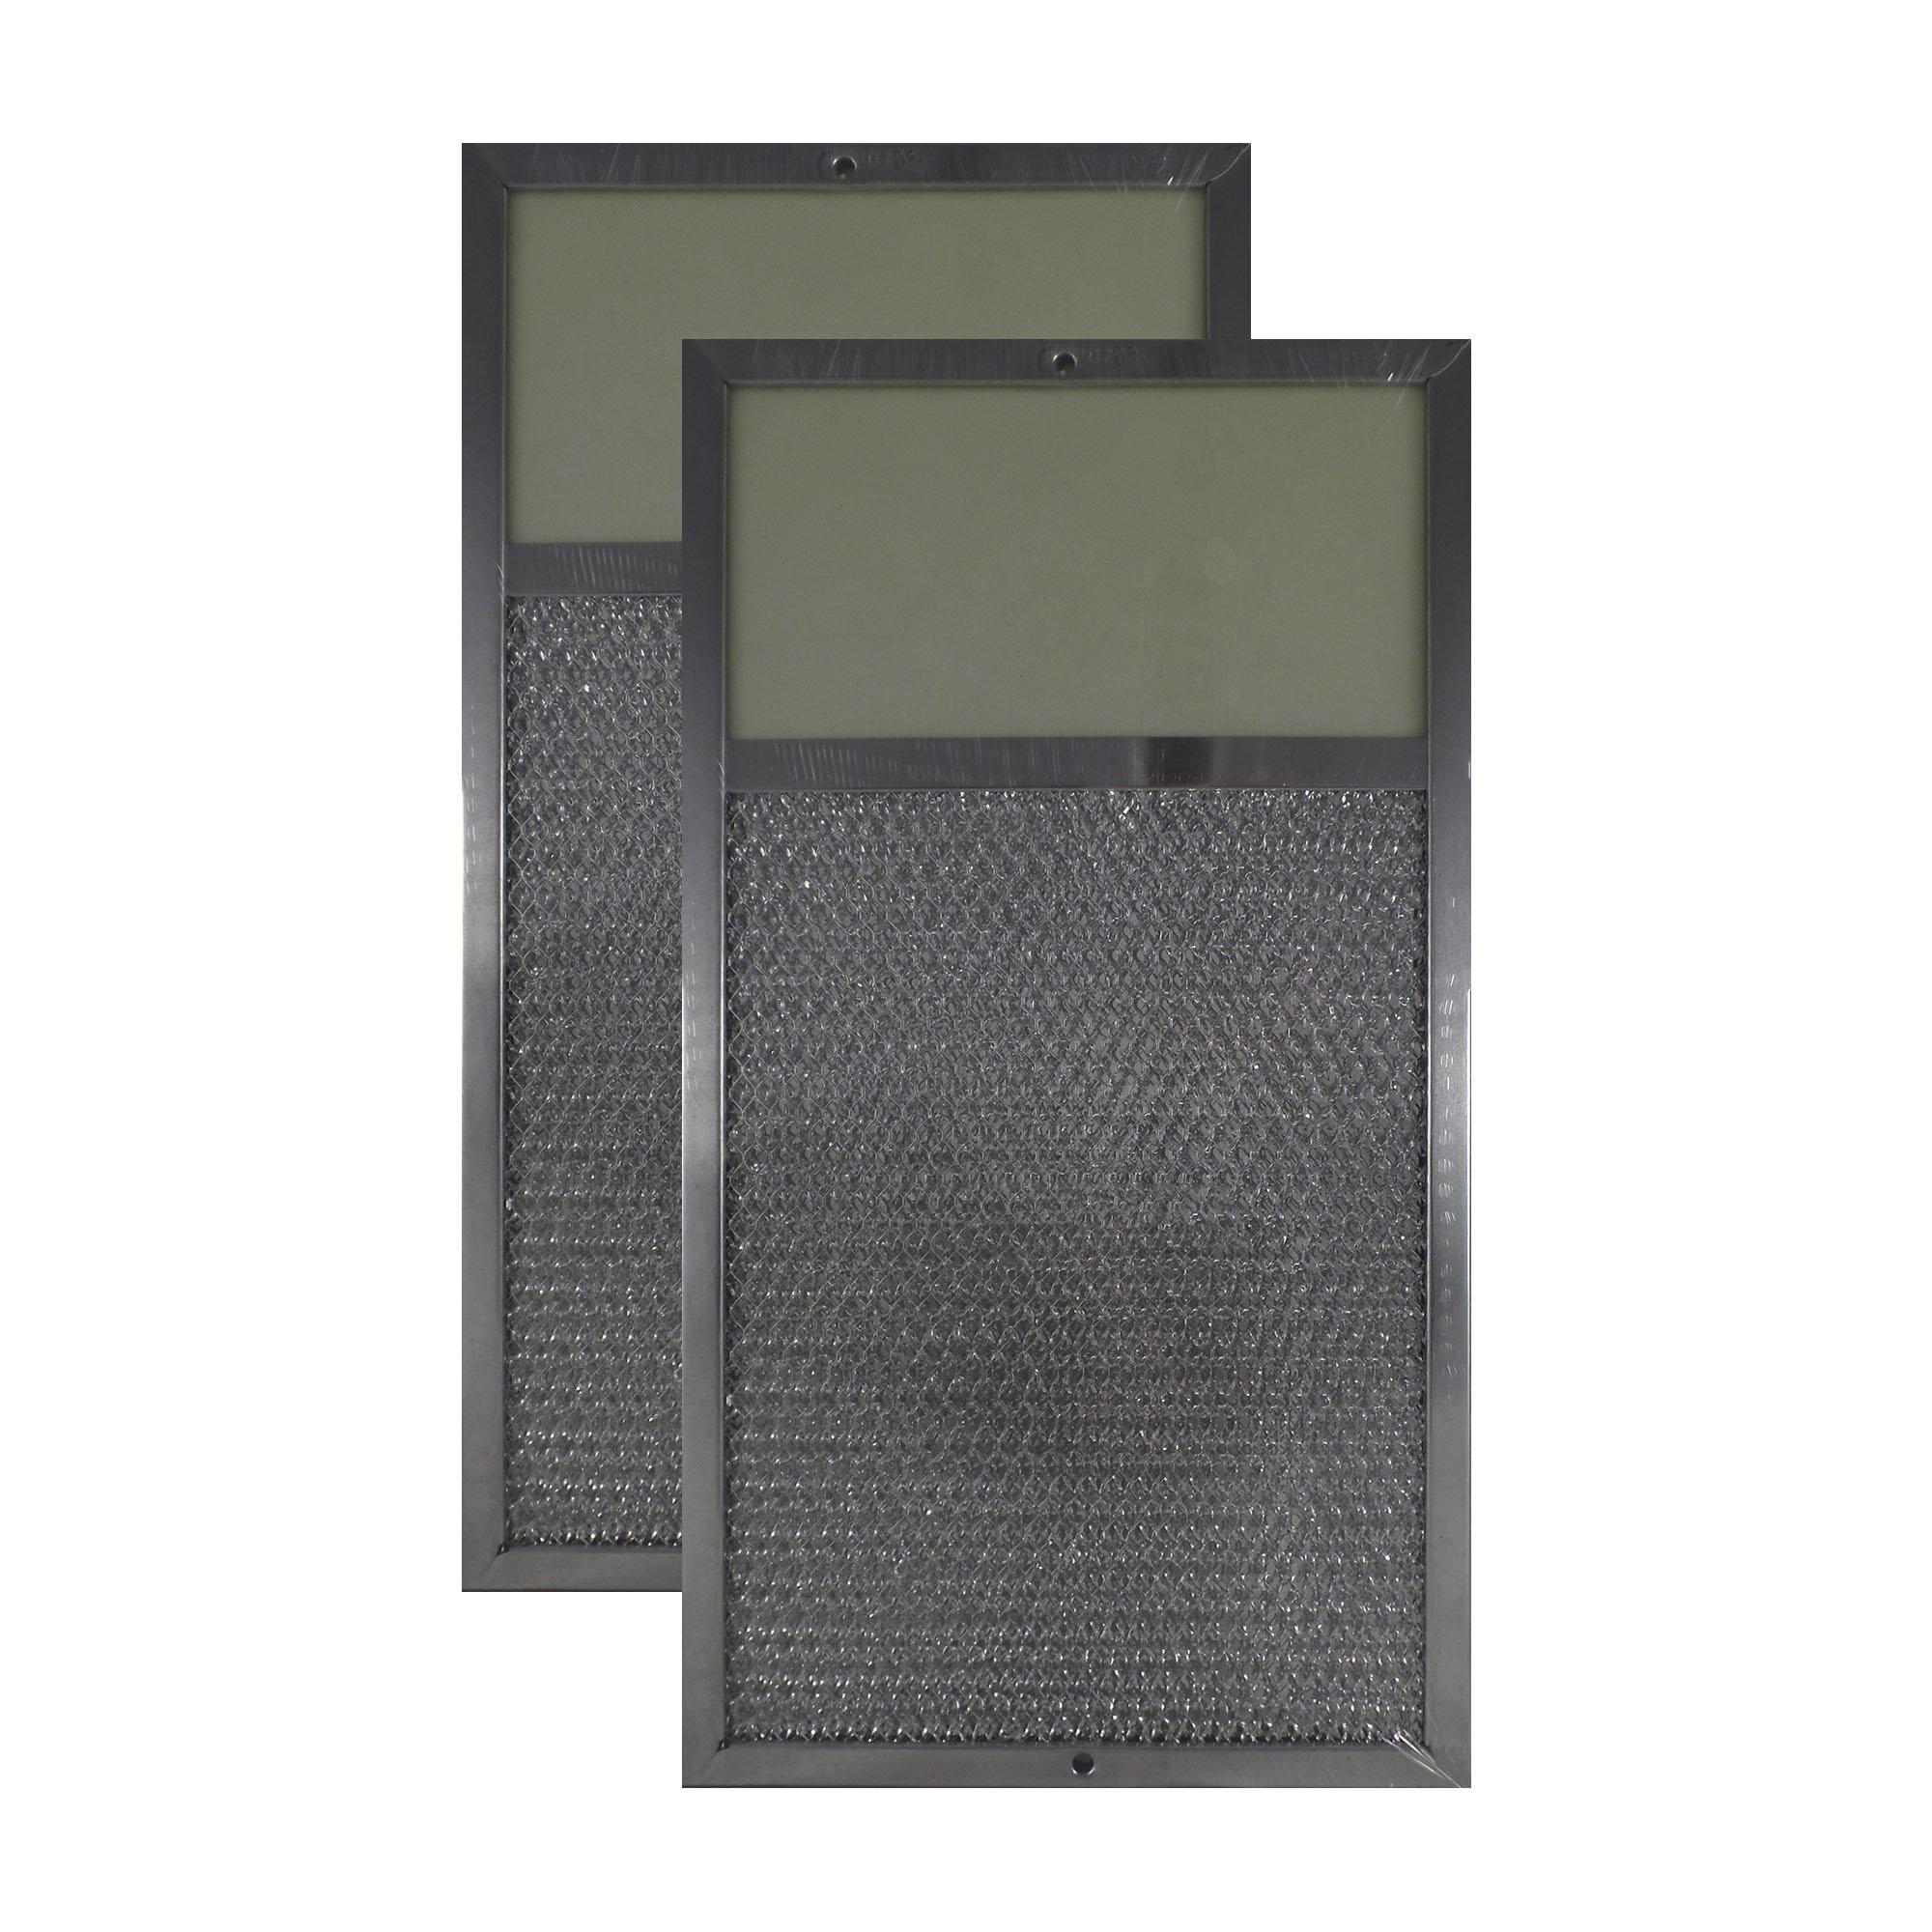 2-PACK Air Filter Factory 7-5/8 x 14-1/8 x 3/8 Range Hood Aluminum Charcoal Combo Lens Filters AFF118-CMB-L